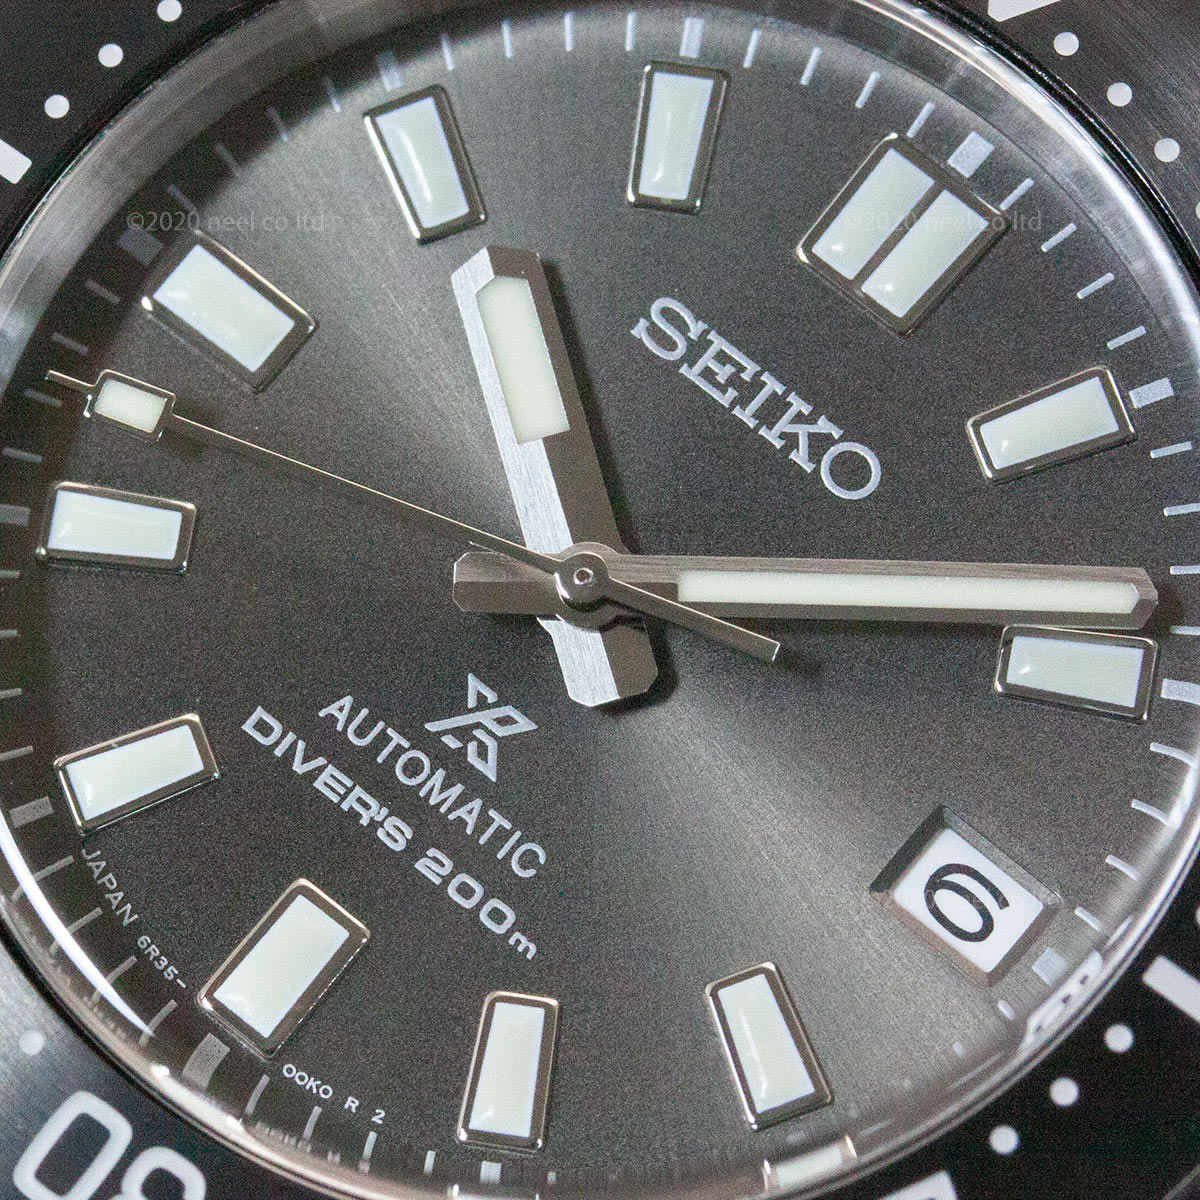 セイコー プロスペックス SEIKO PROSPEX 1stダイバーズ メカニカル 自動巻き コアショップ専用モデル 腕時計 メンズ ヒストリカルコレクション SBDC101